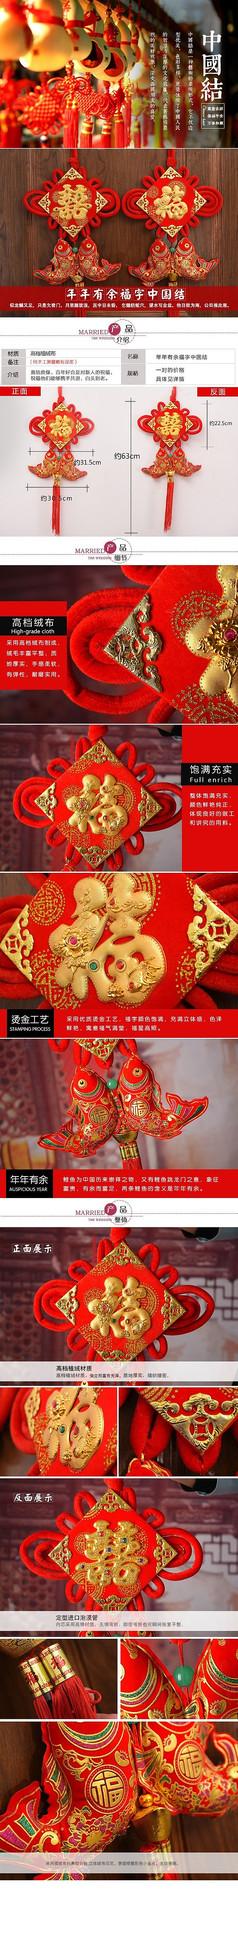 婚庆红色编织小号鲤鱼中国结详情页